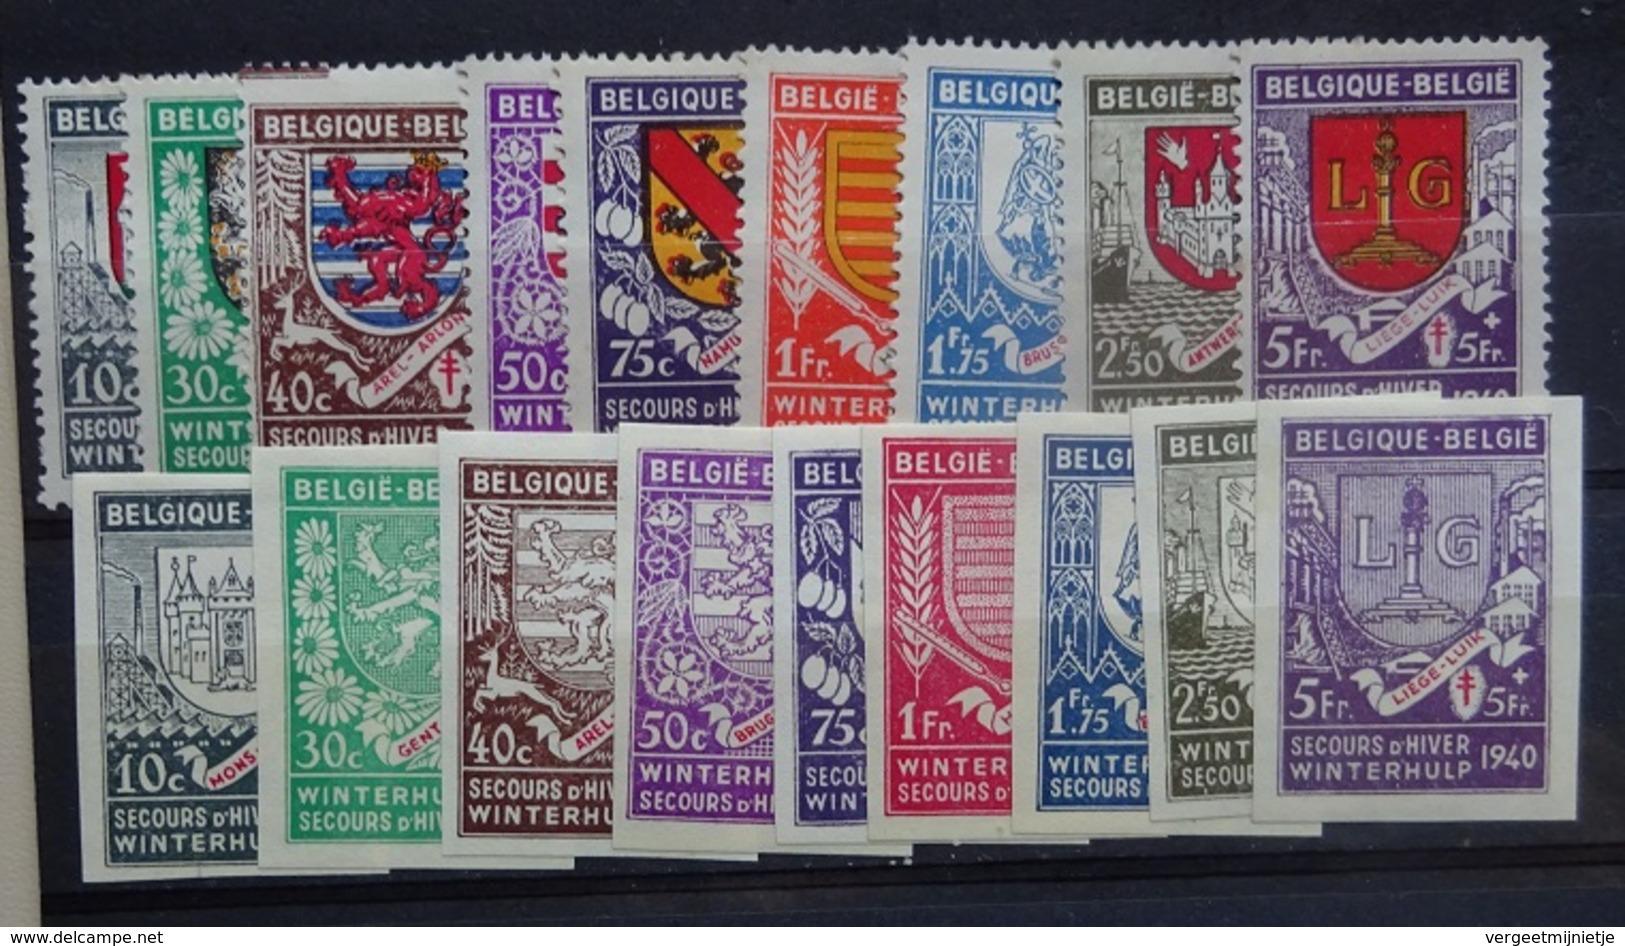 BELGIE  1940  Winterhulp    Nr.  547 - 555 + 547 A - 555 A     Scharnier *     CW  30,00 - Neufs